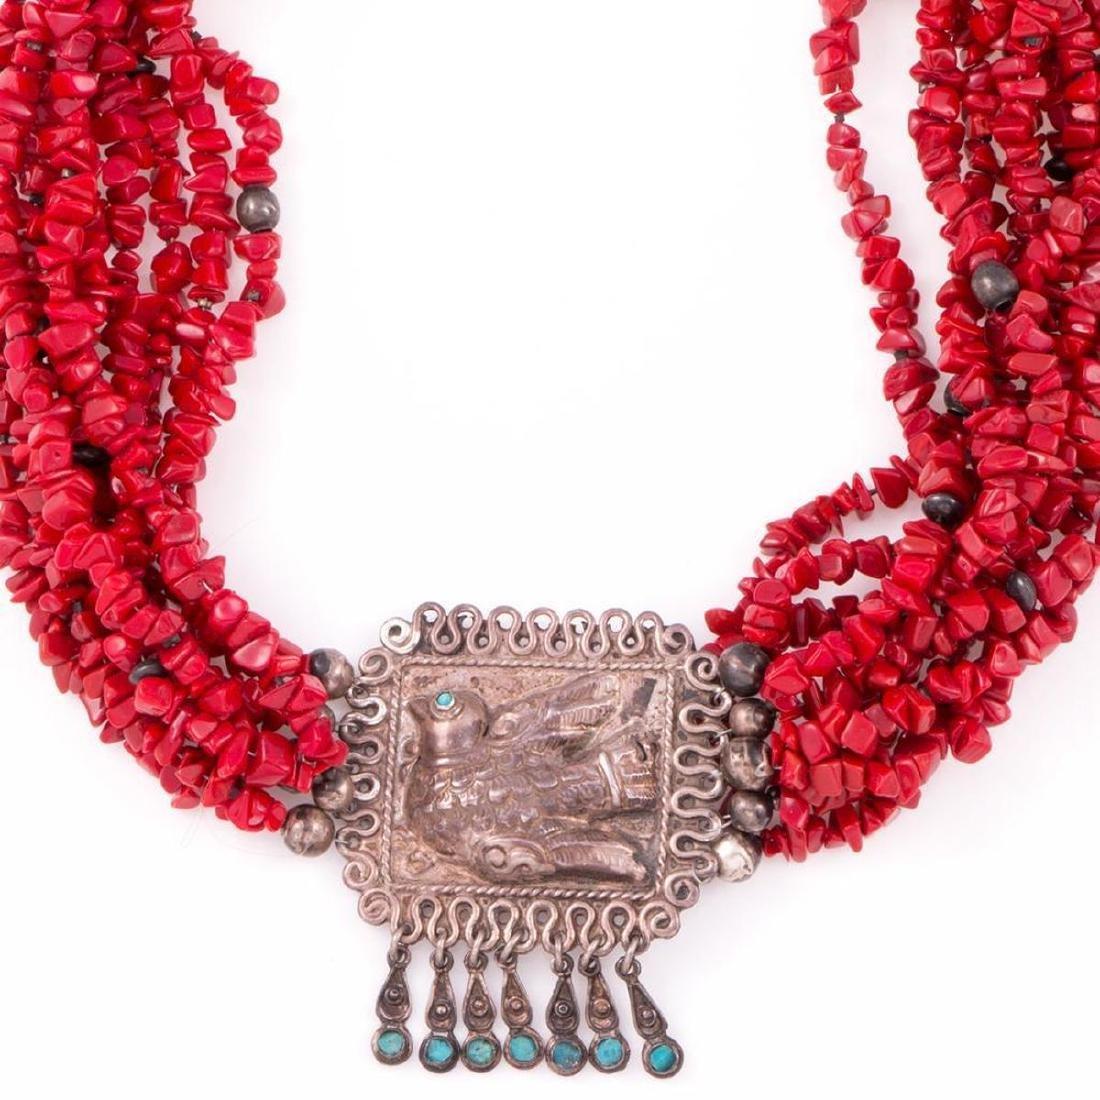 Ricardo Salas for MATL Mexico, coral & turquoise neckla - 2